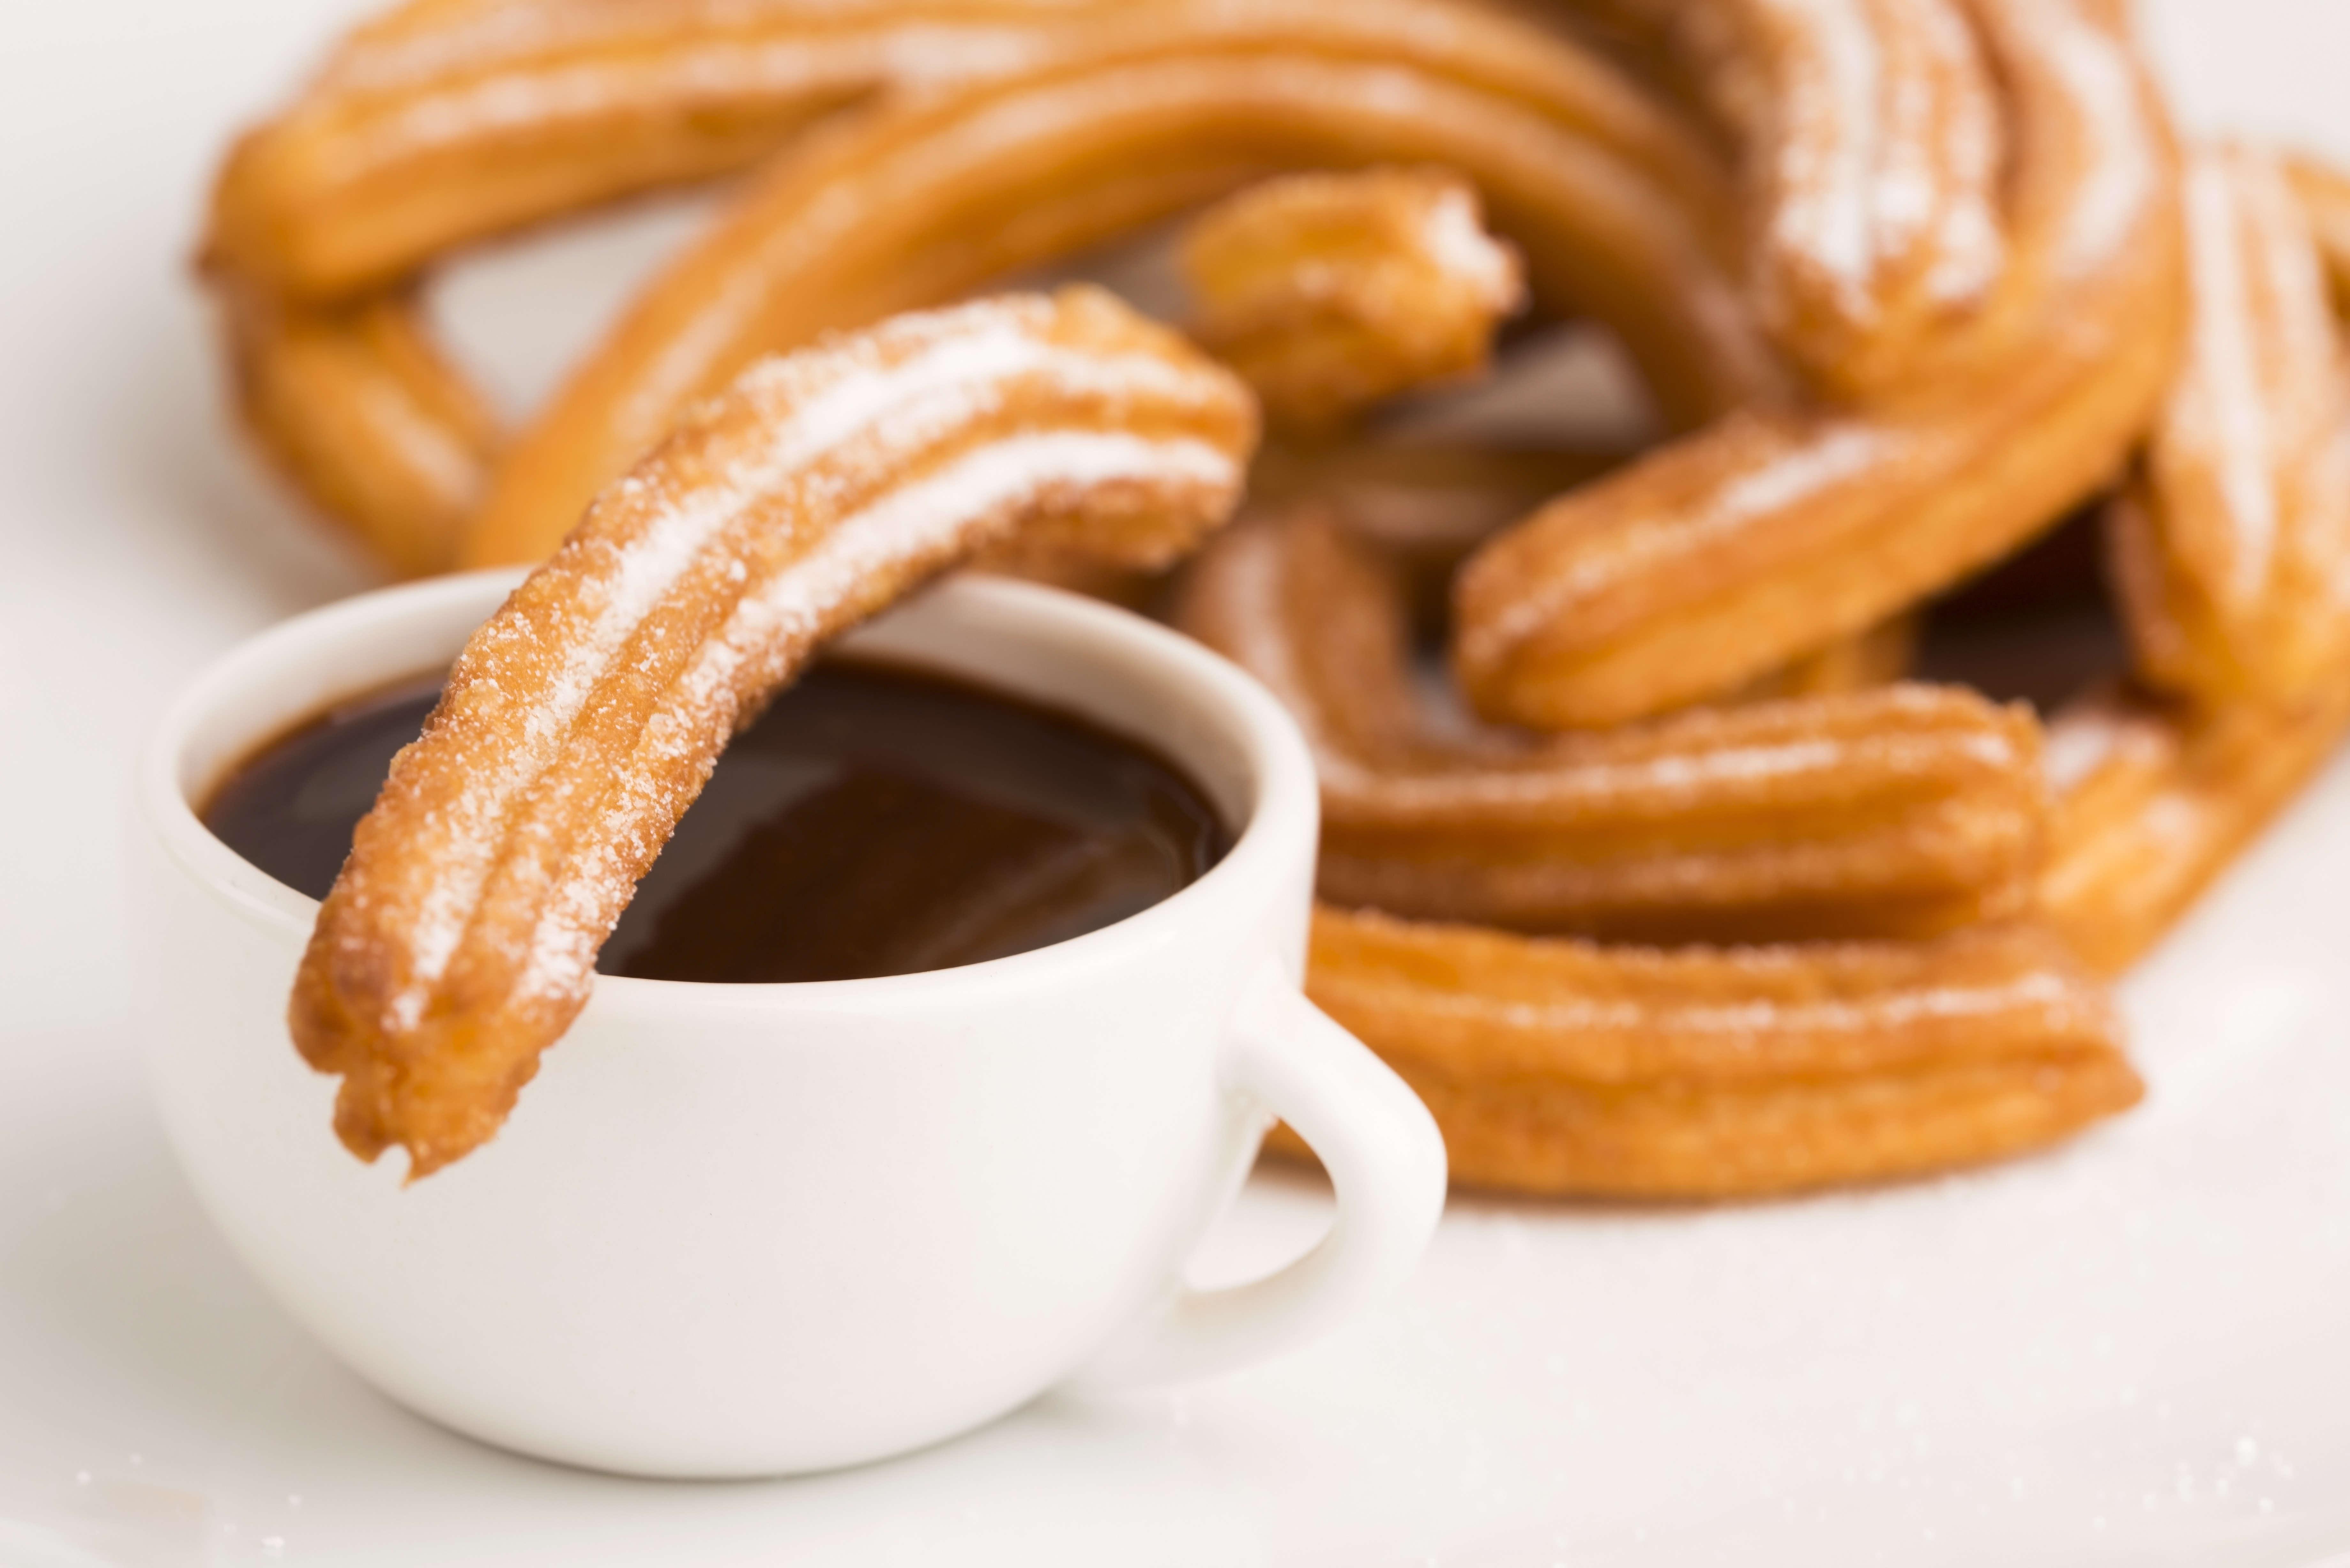 Recette Churros De Fete Foraine conseils : mon goûter façon fête foraine | blog la foirfouille